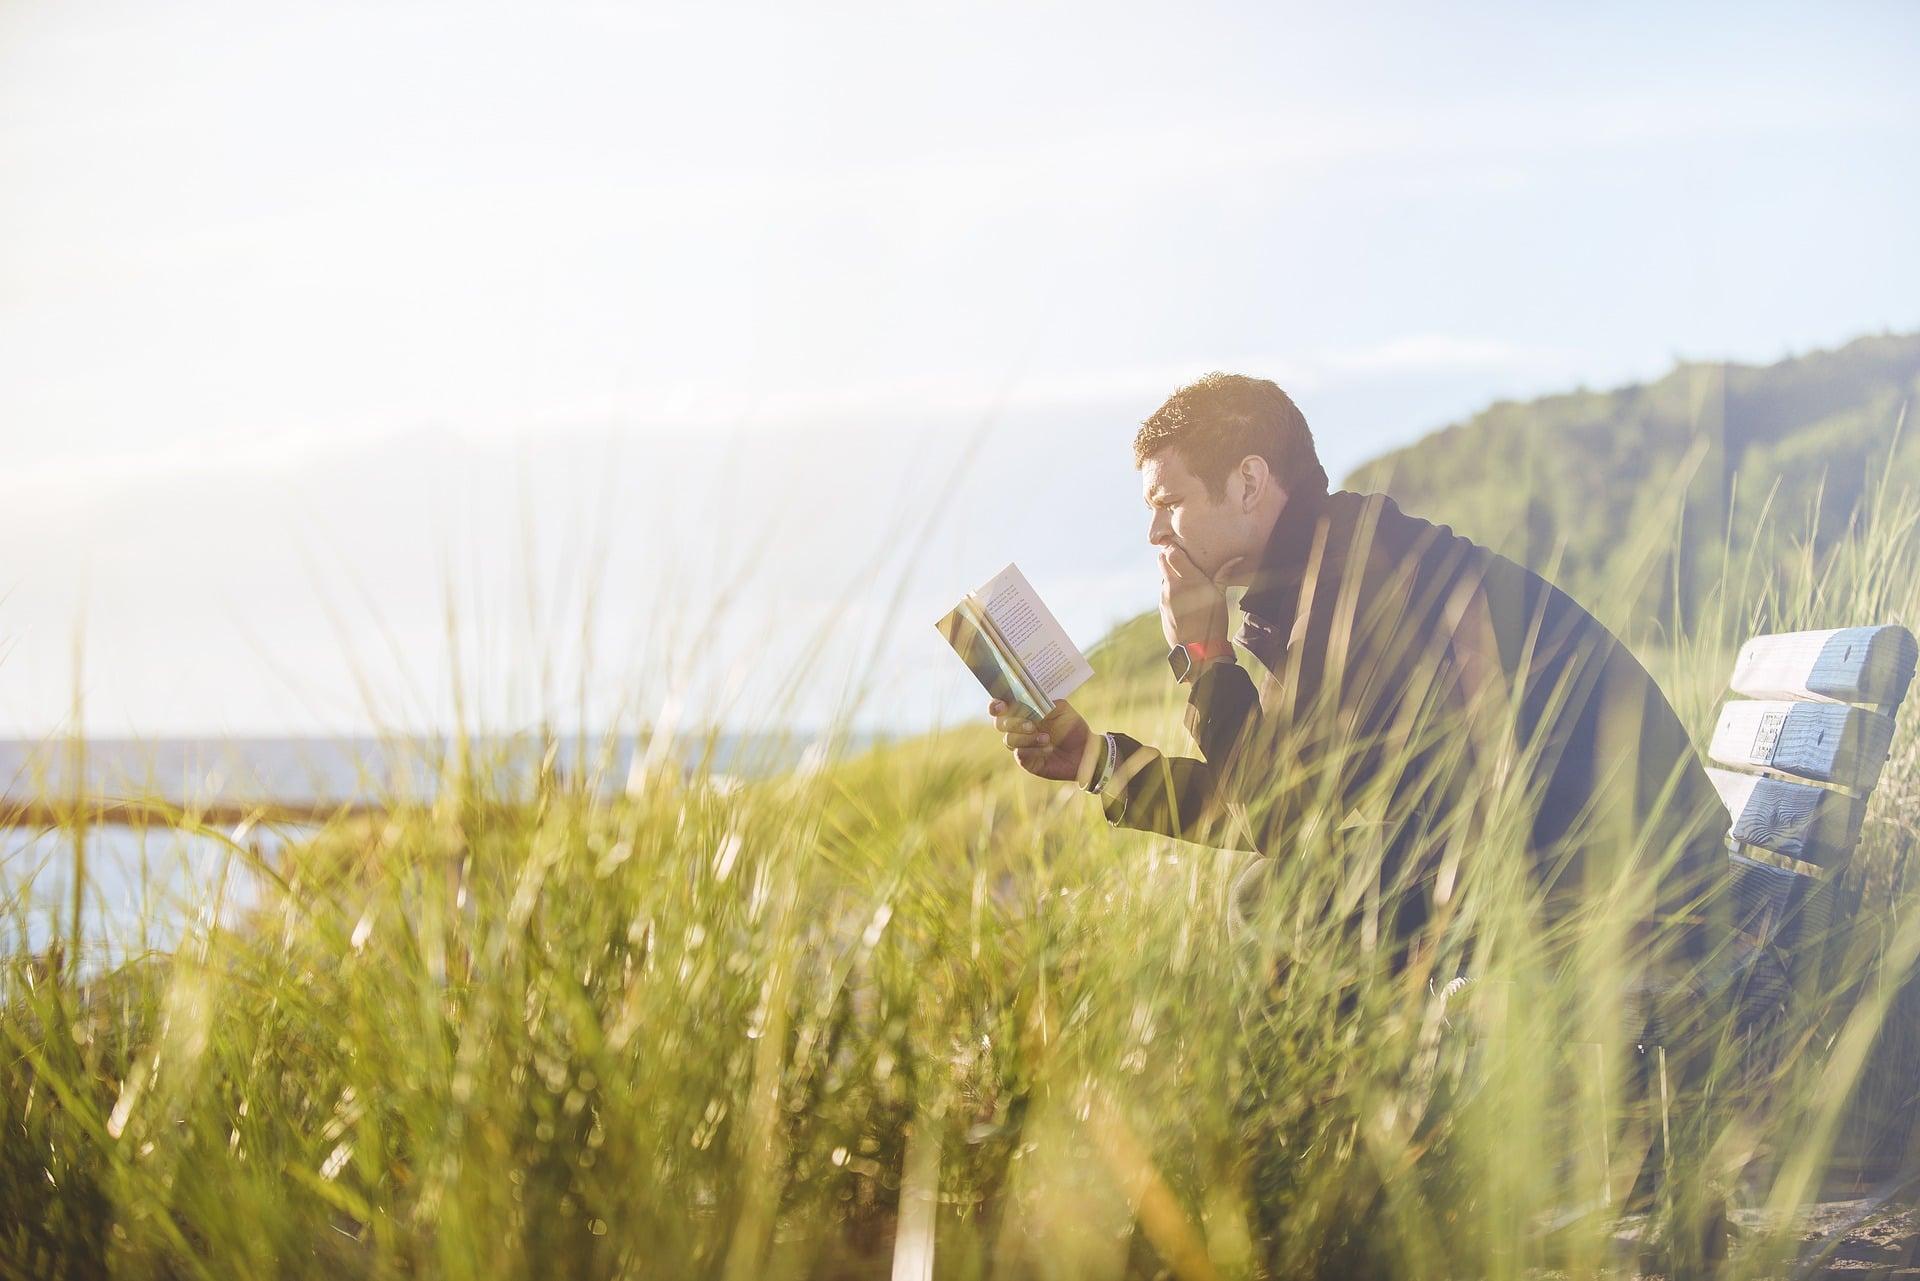 Un homme lit un livre assis dans un champ